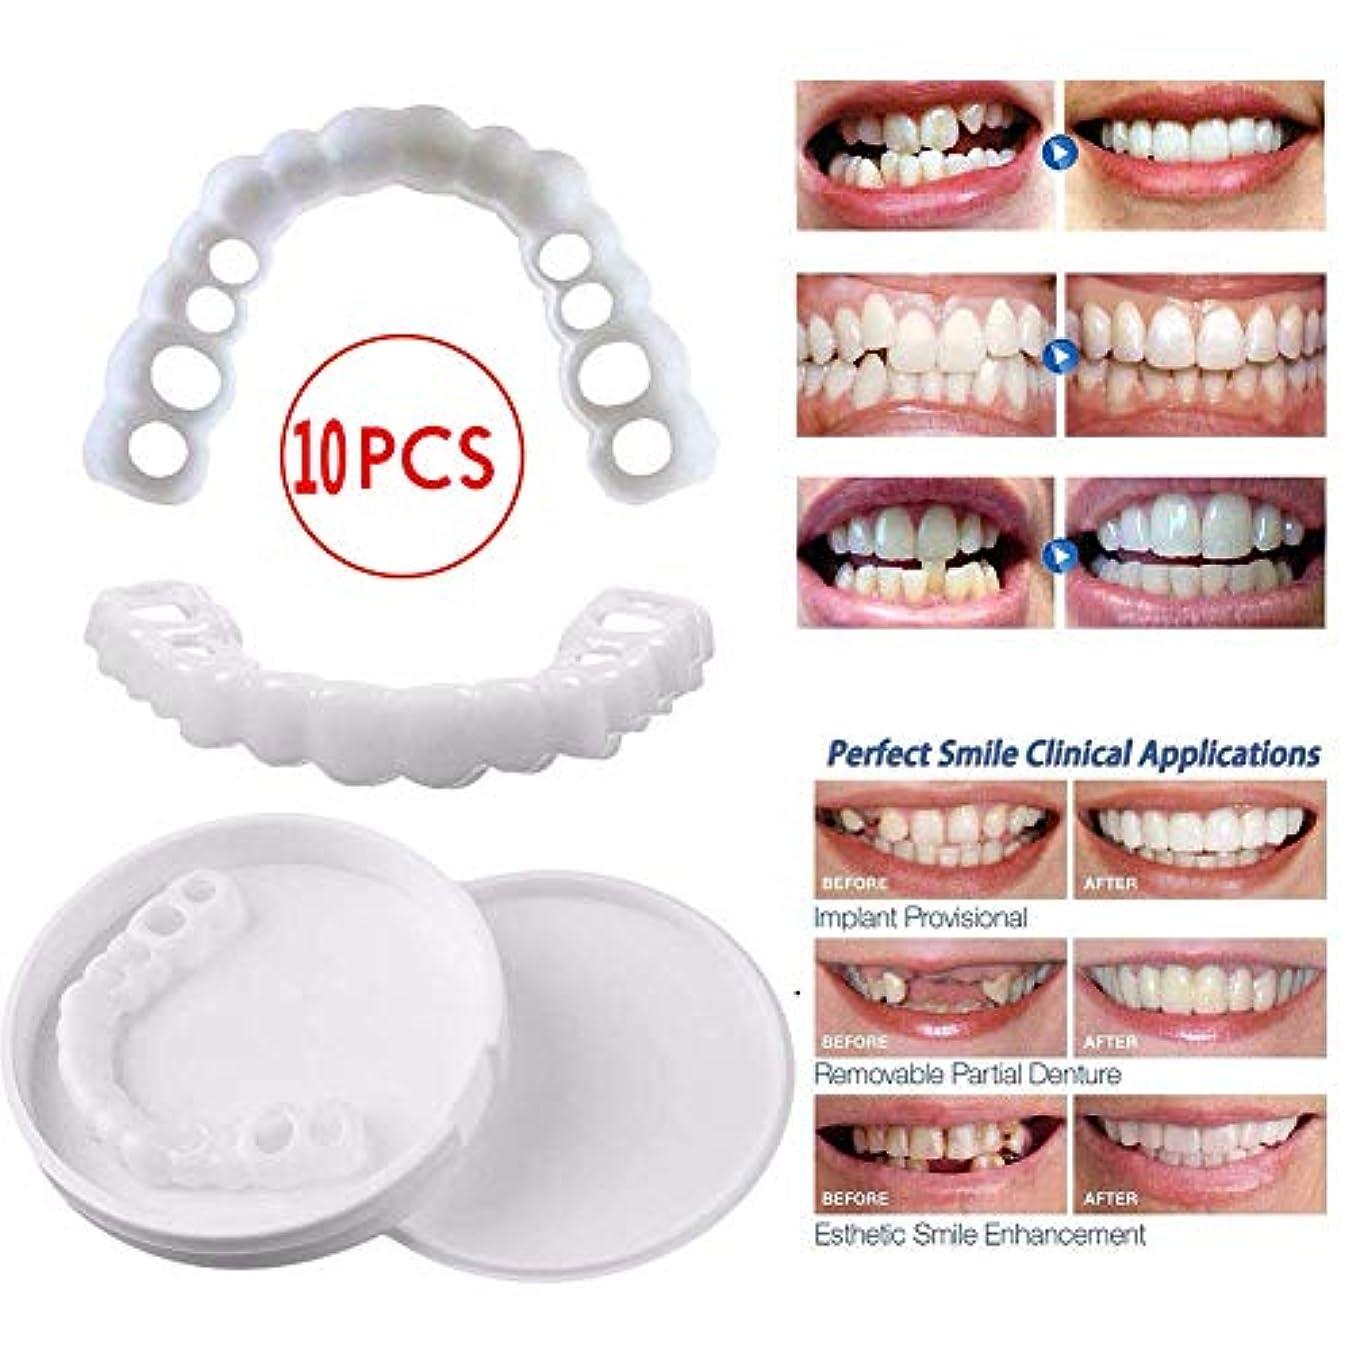 焦げ応答ストレンジャー10個の一時的な歯のホワイトニング、歯の一時的な化粧品の歯の義歯歯の化粧品の収納ボックス付き偽の歯カバー,10pcsupperteeth